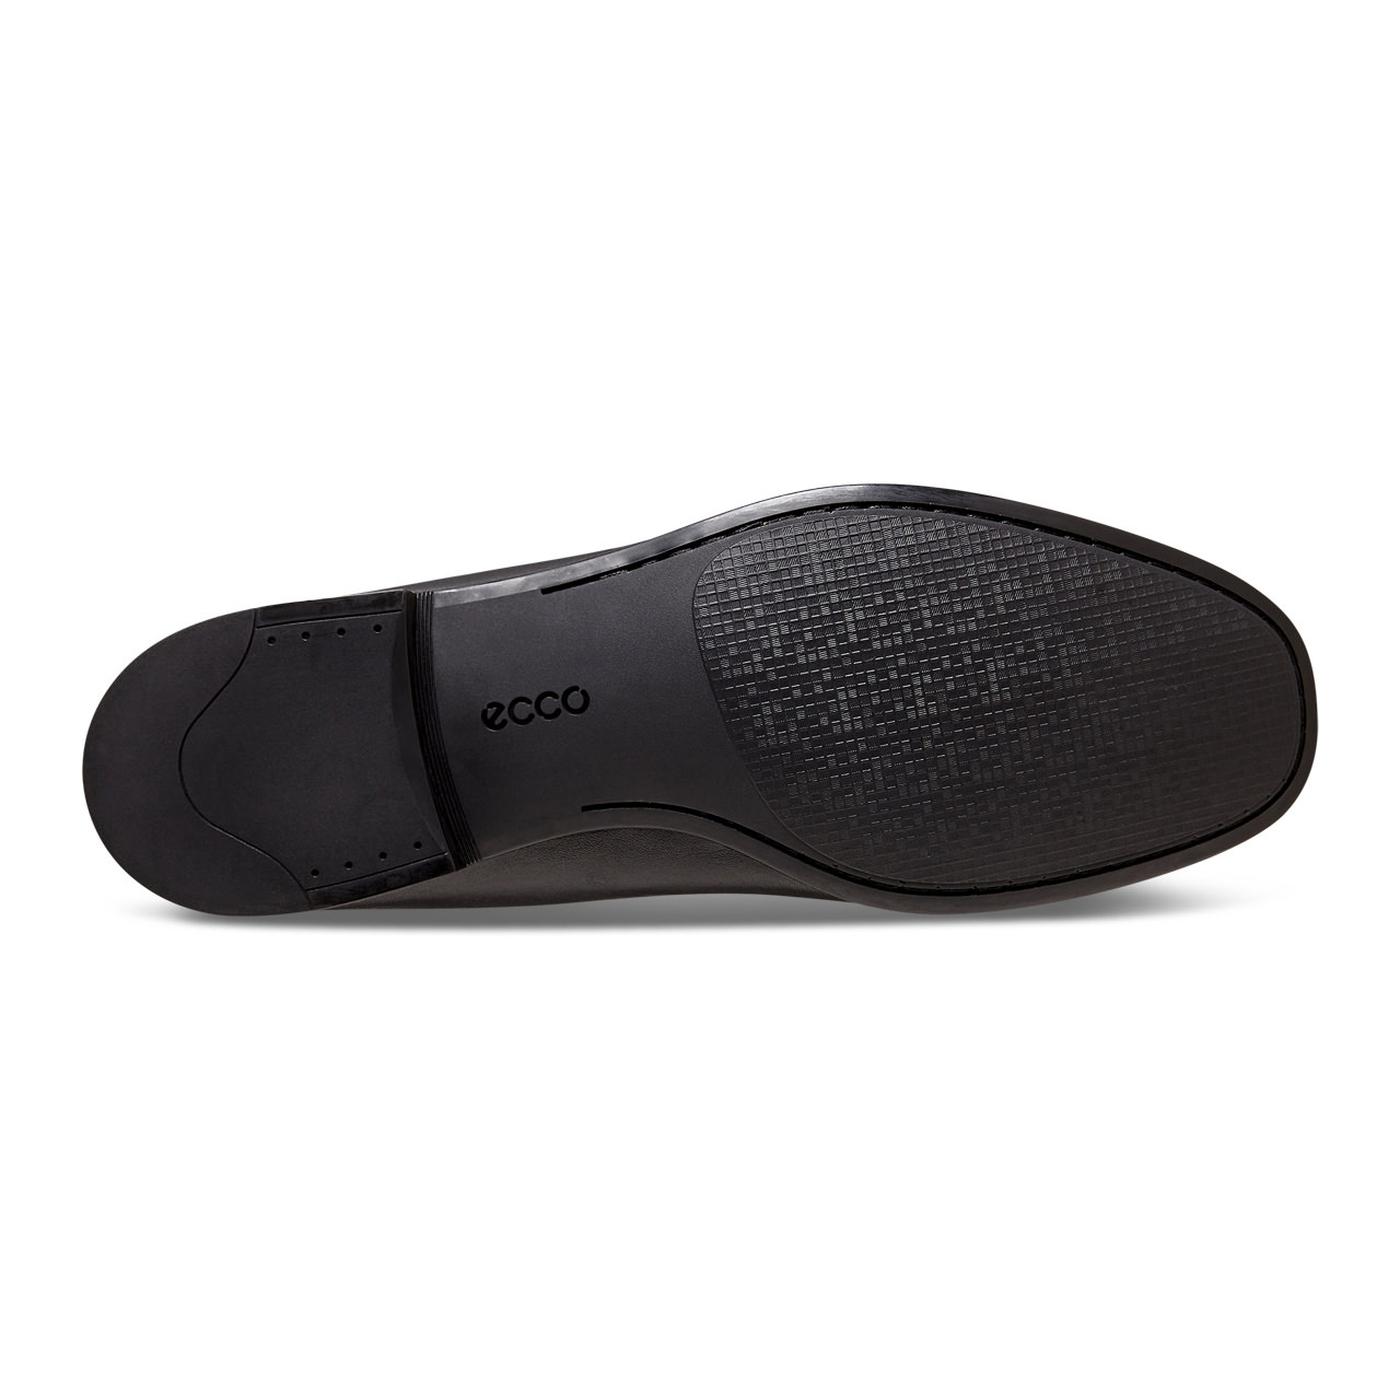 ECCO DRESS MOC Moccasin Slip-o